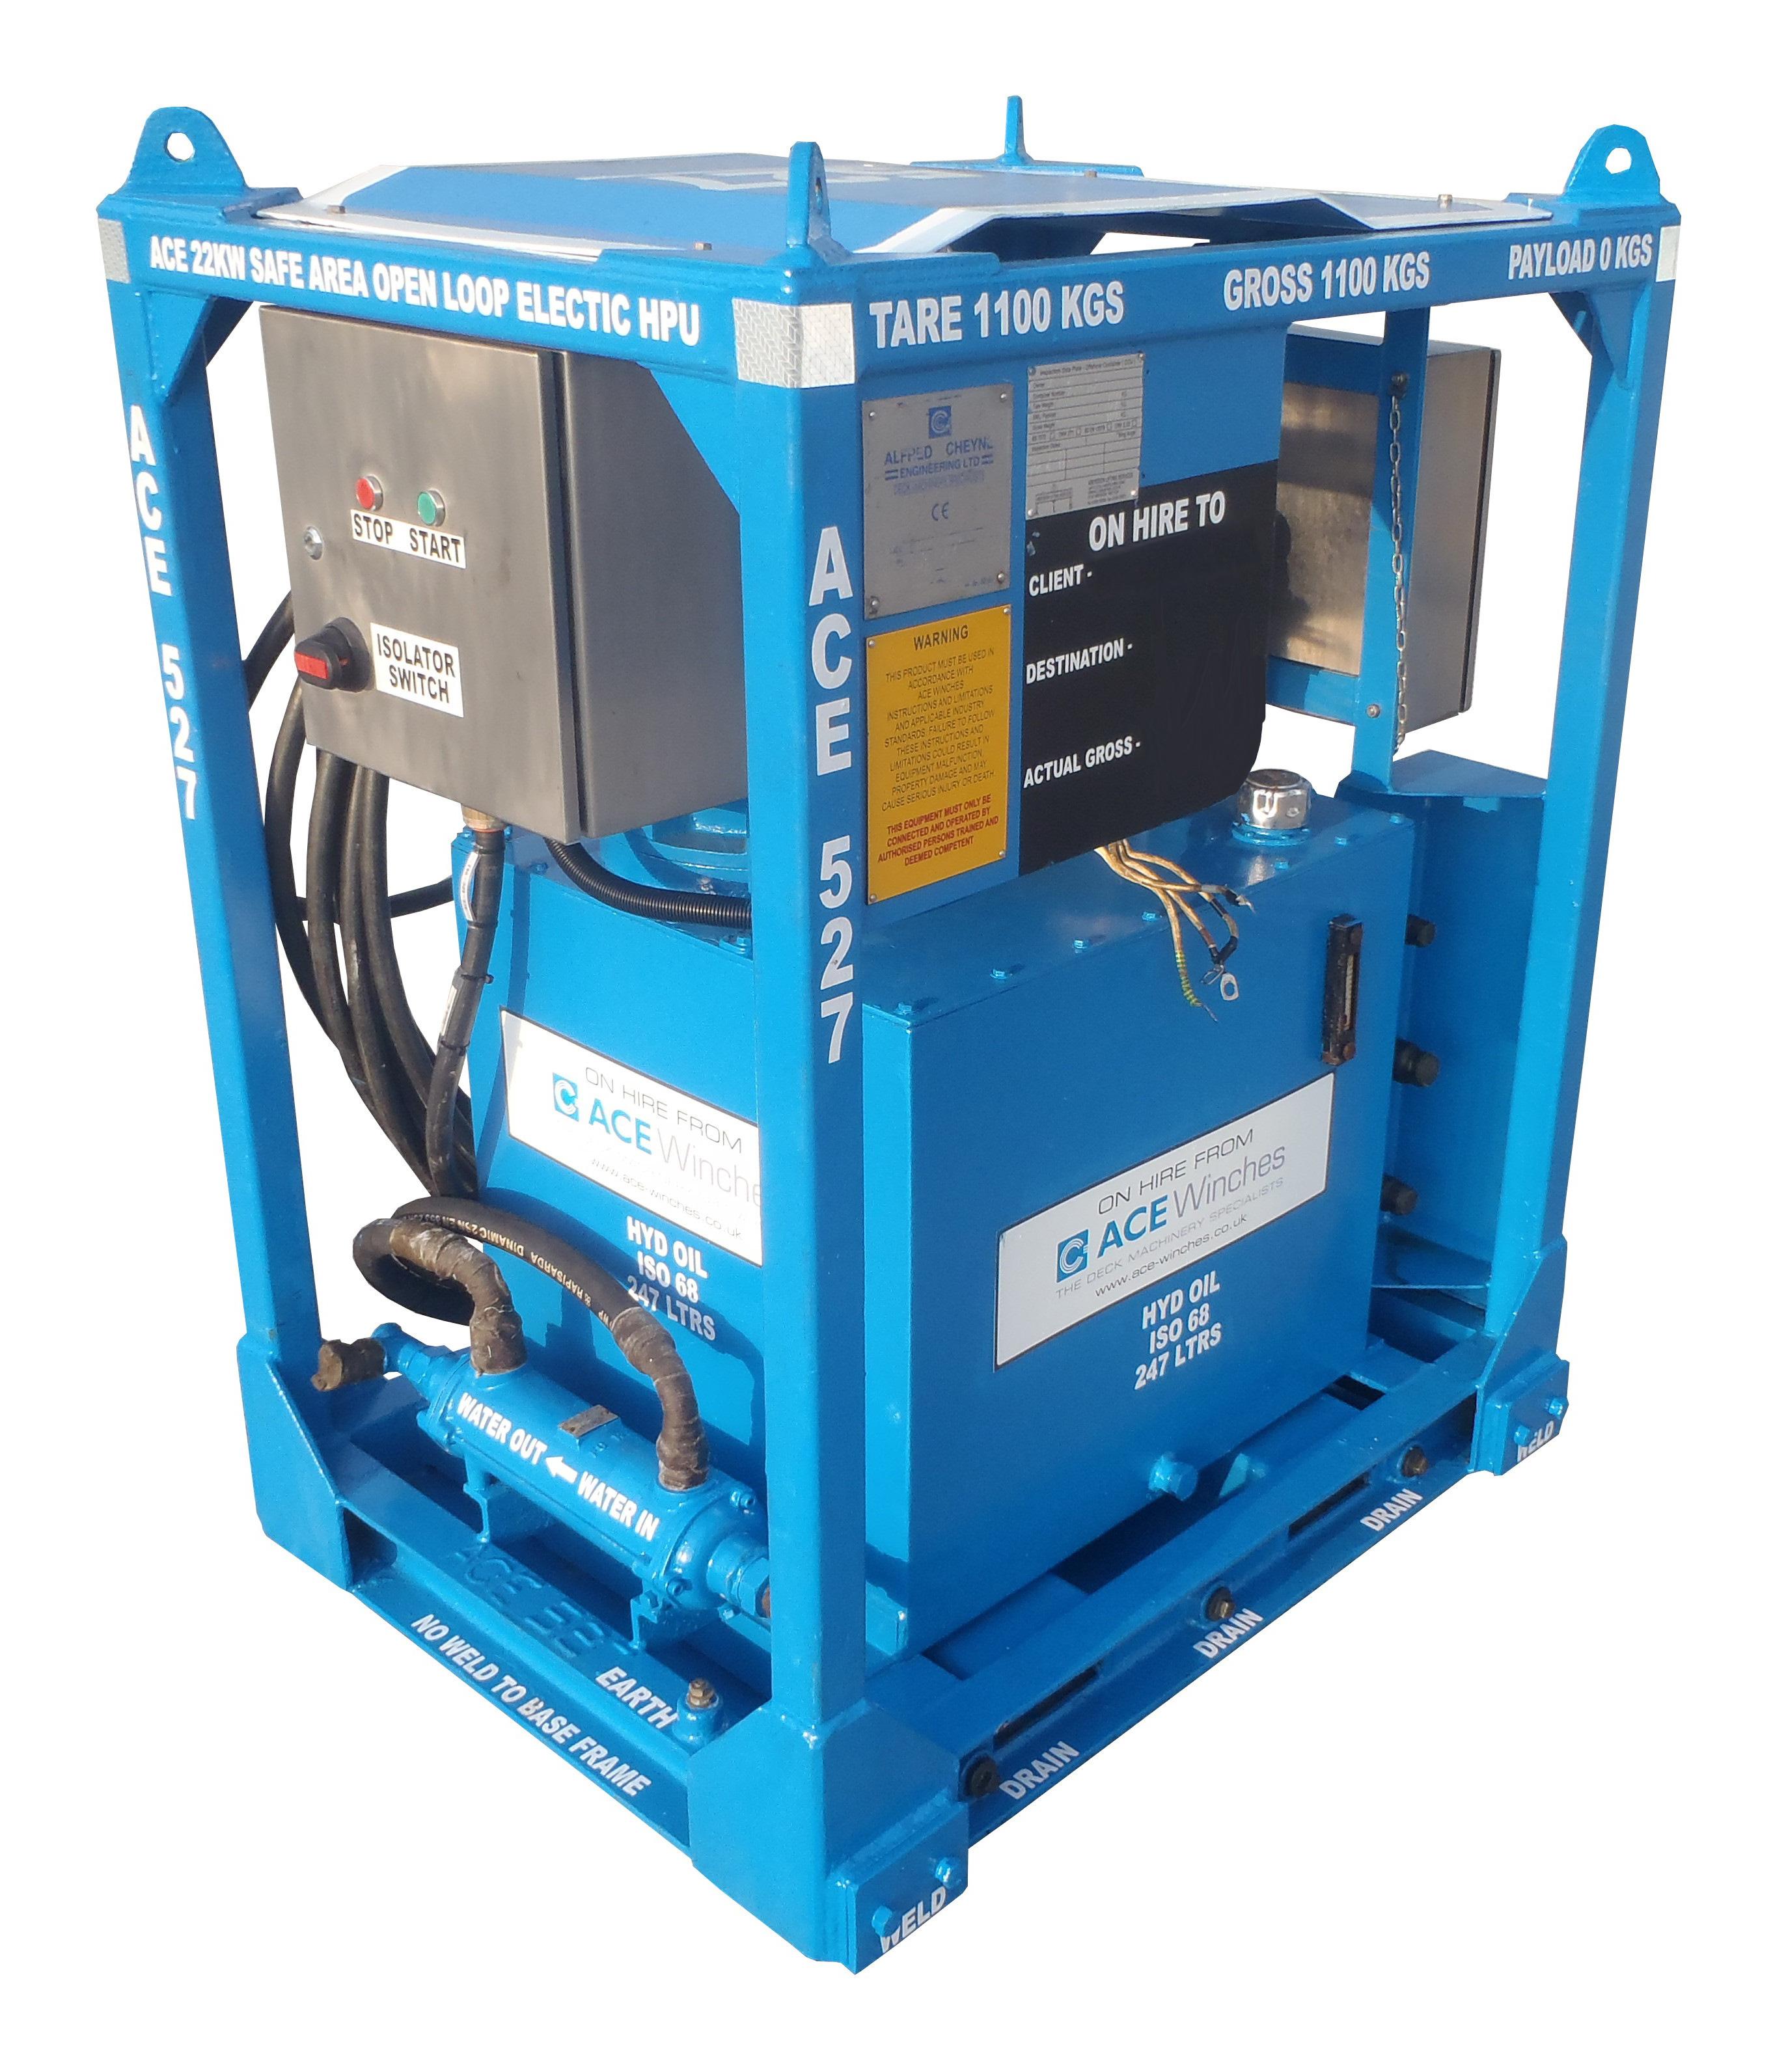 ACE 22kW Safe Area Open Loop Electric HPU